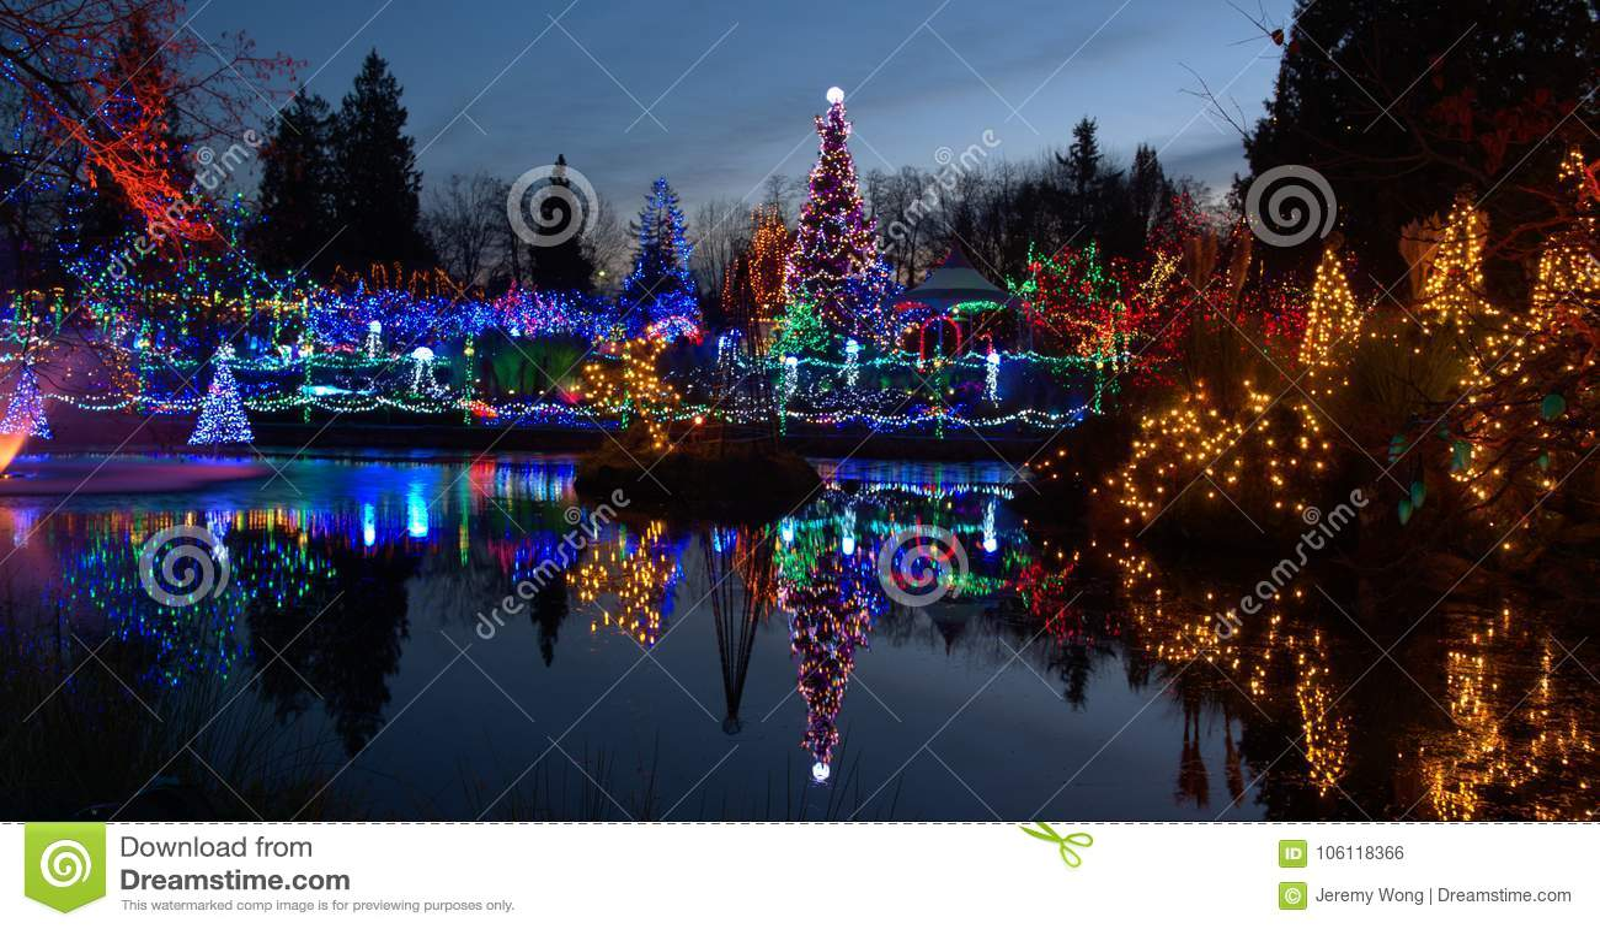 Christmas light festival